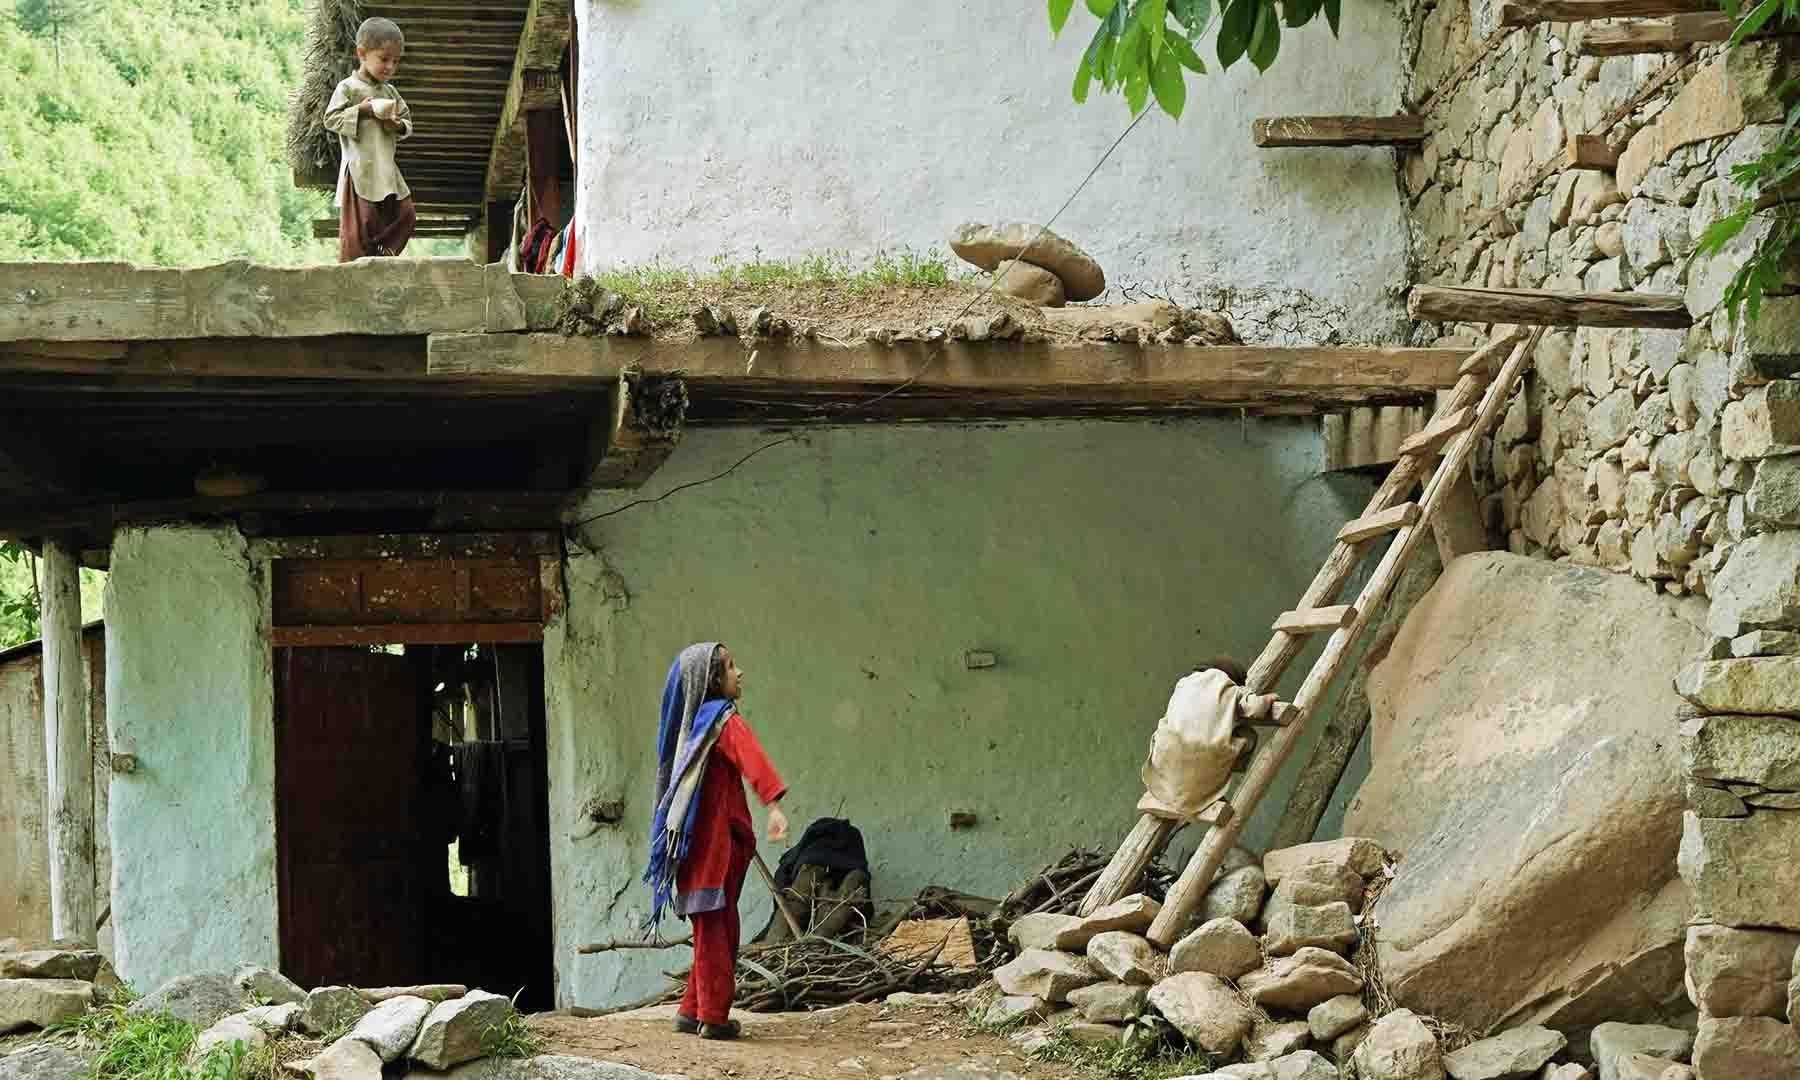 برابڑو بانڈہ کے ایک گھر میں بچے کھیل رہے ہیں— تصویر امجد علی سحاب